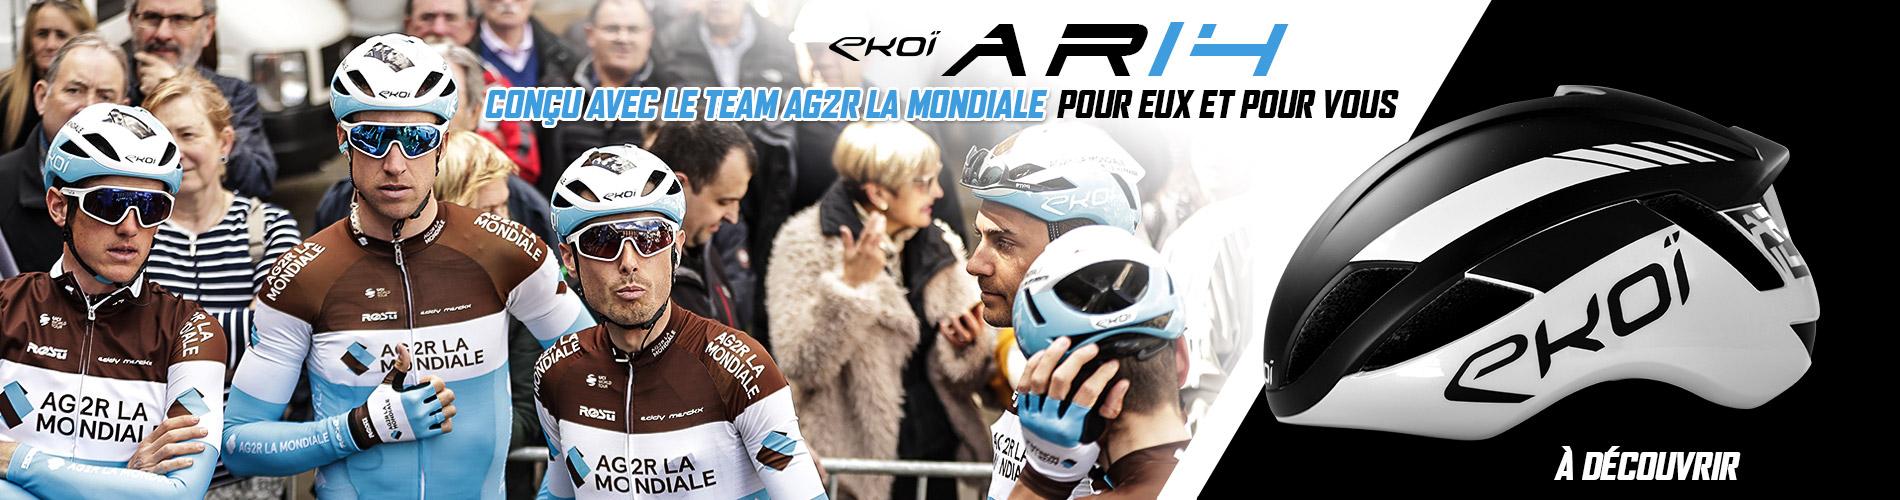 Nouveau casque AR14 EKOI avec le Team AG2R La Mondiale Cycling